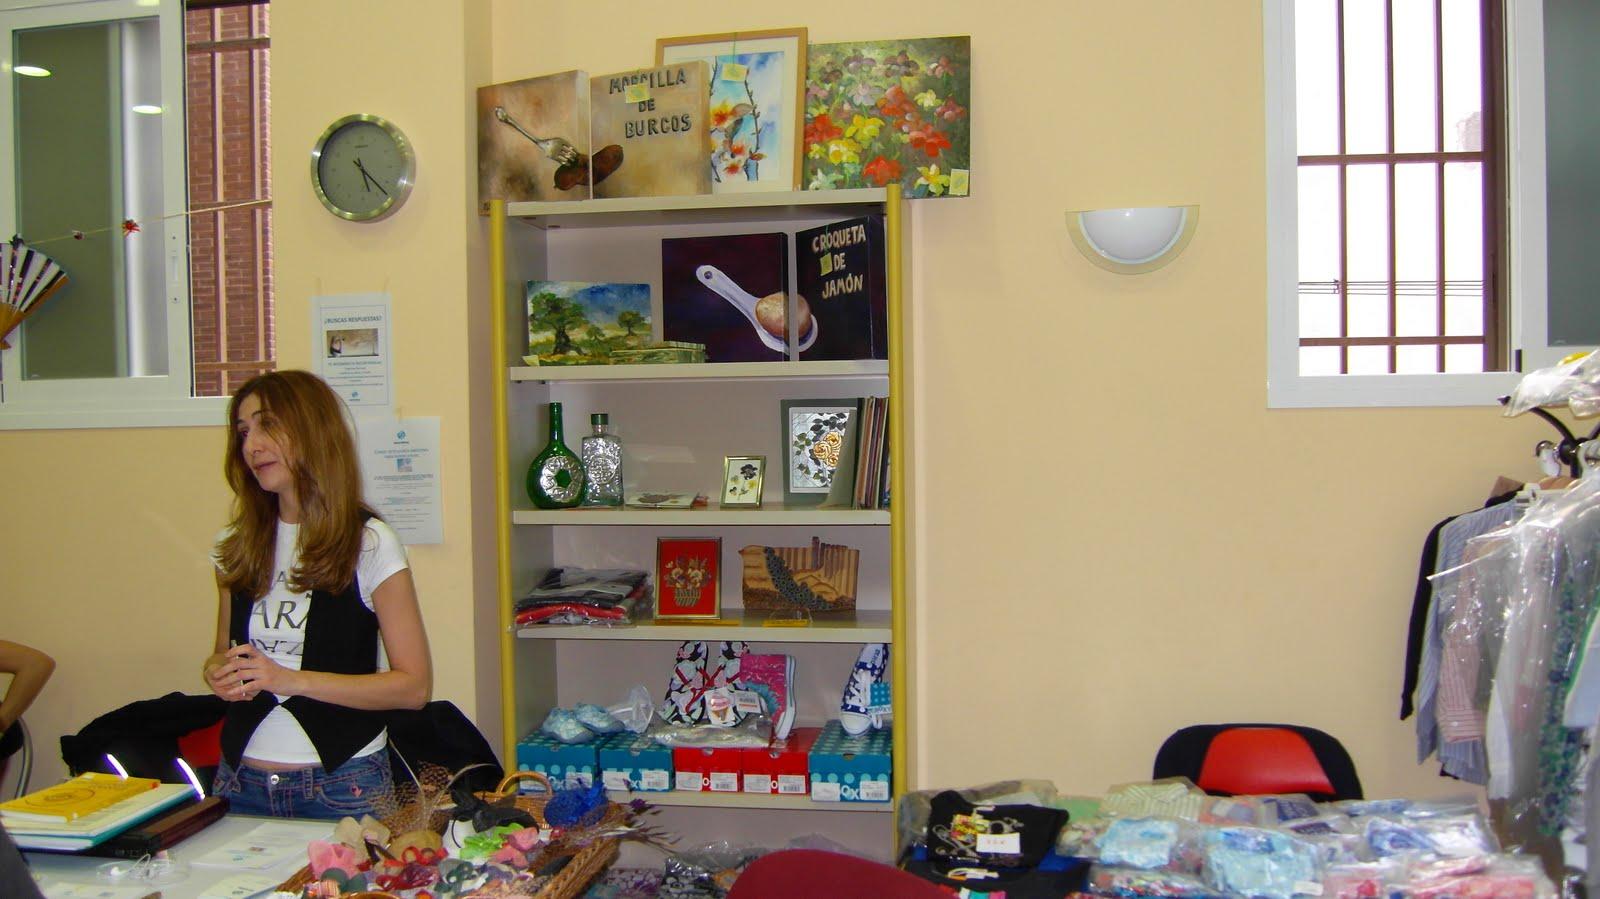 Reciclaje de muebles mercadillo restauraci n de muebles for Mercadillo muebles madrid